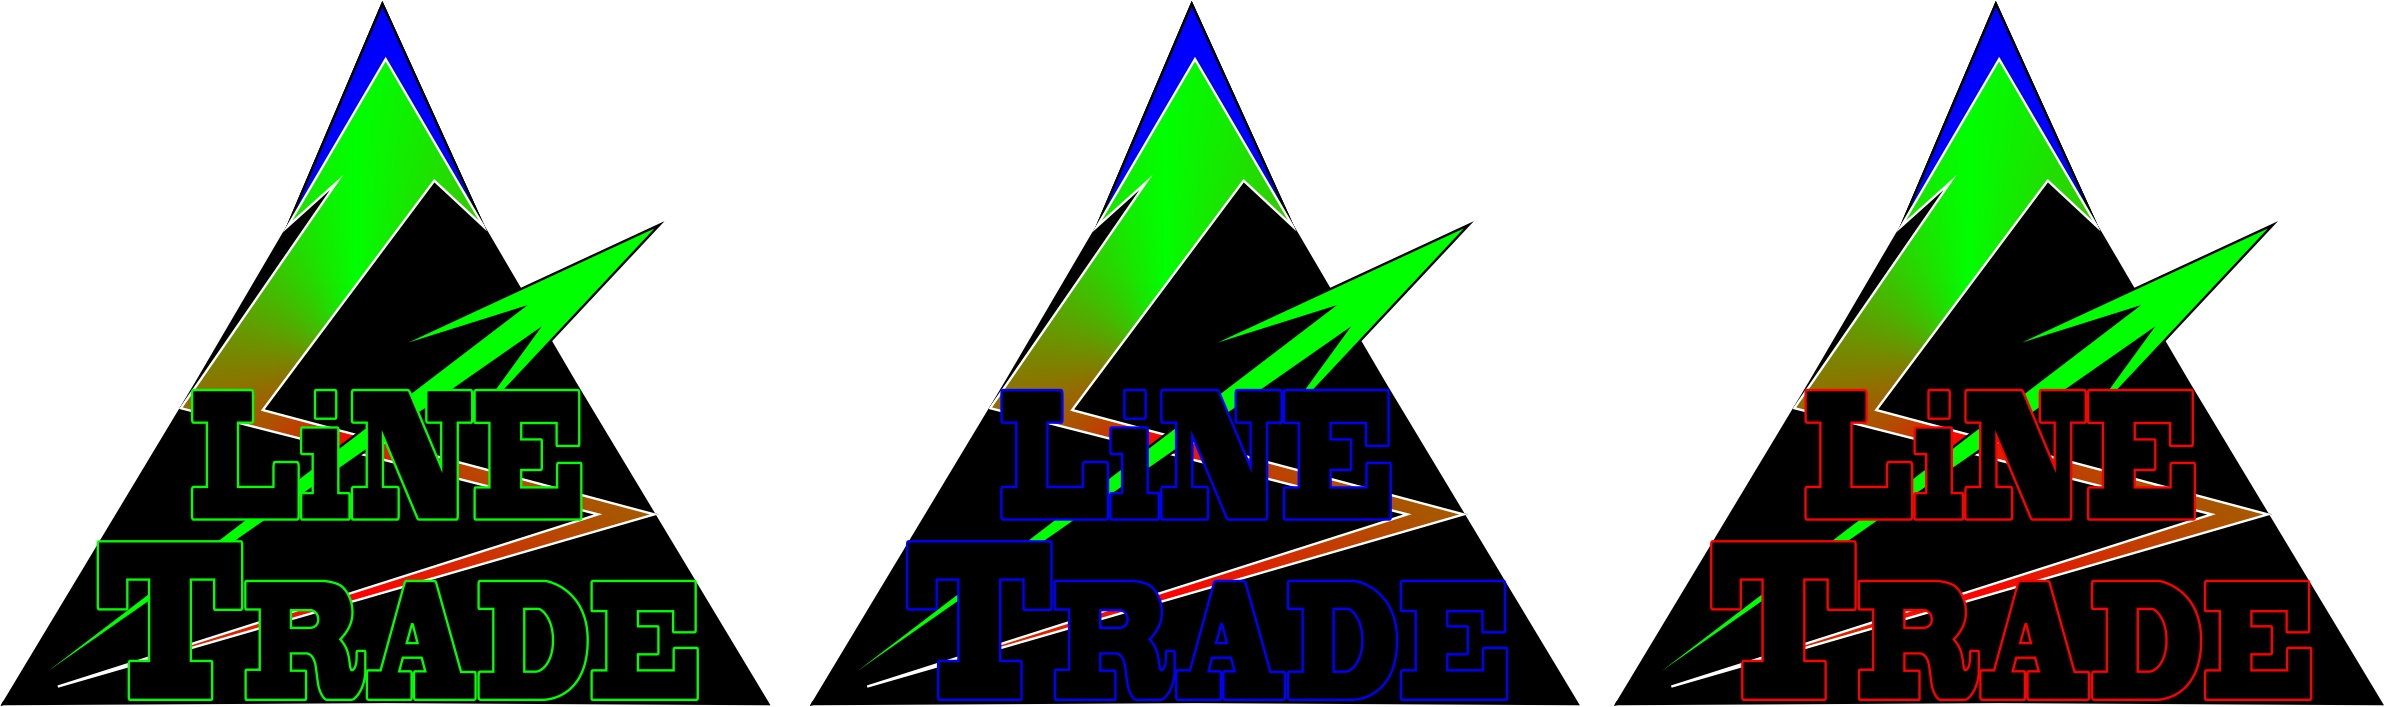 Разработка логотипа компании Line Trade фото f_73150f9d3fc26d36.jpg